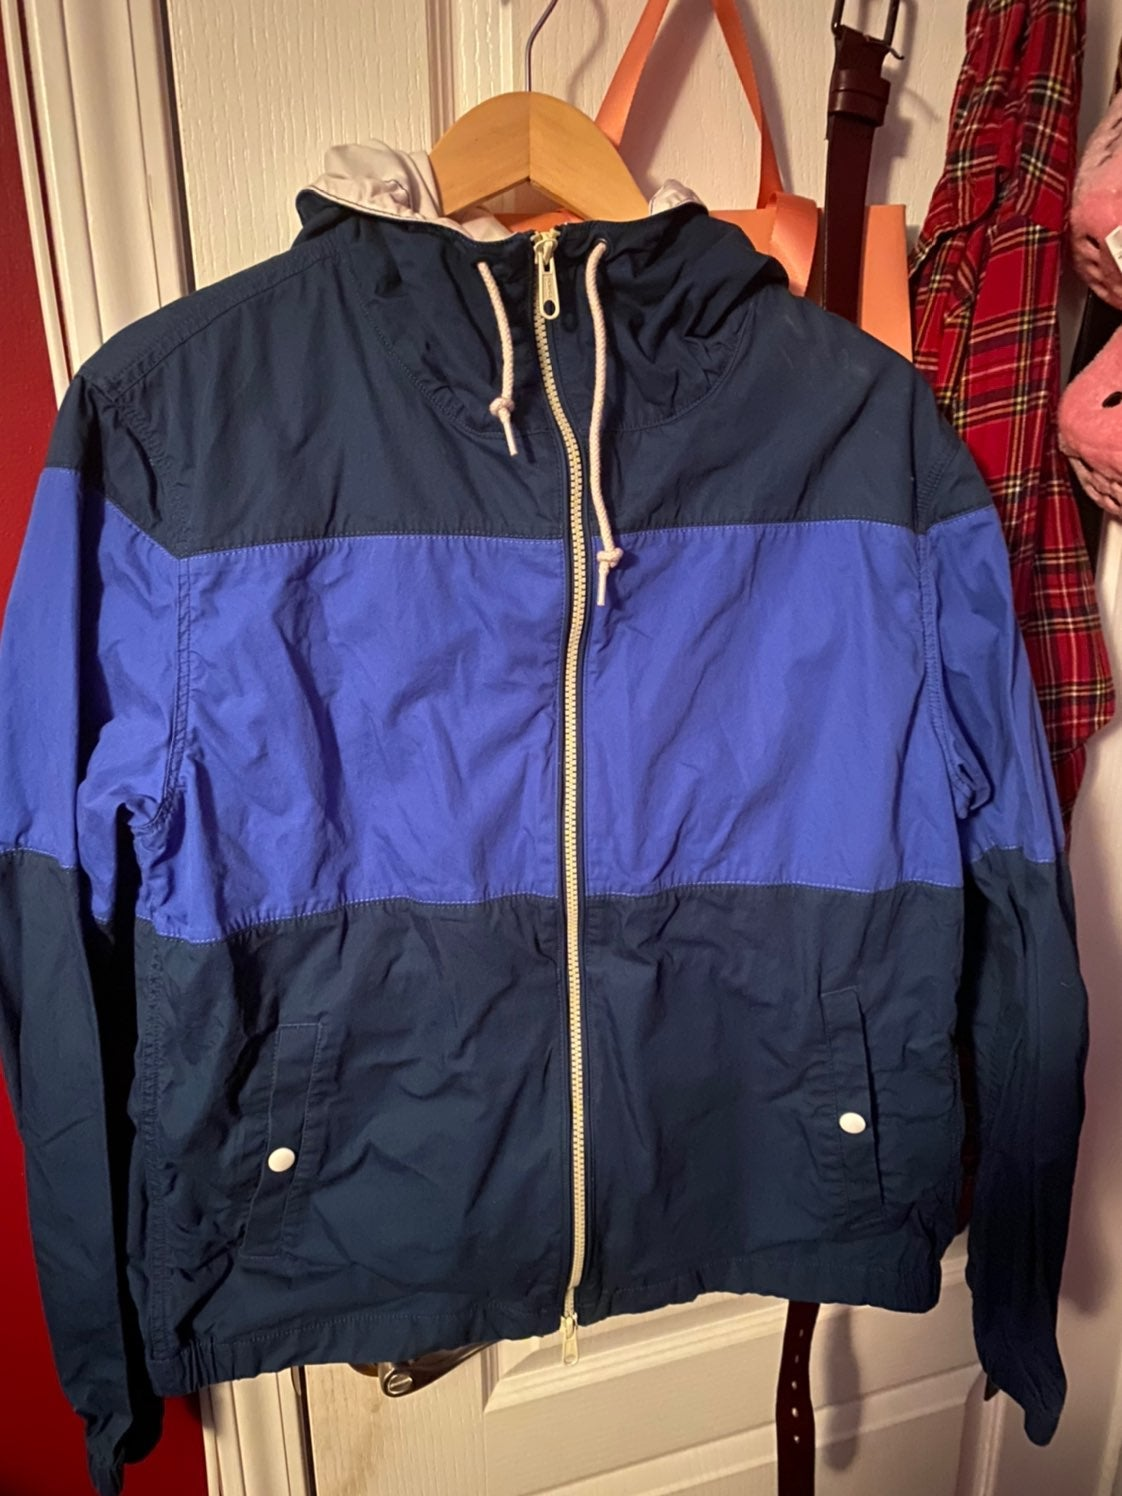 J.crew blue Jacket windbreaker jcrew